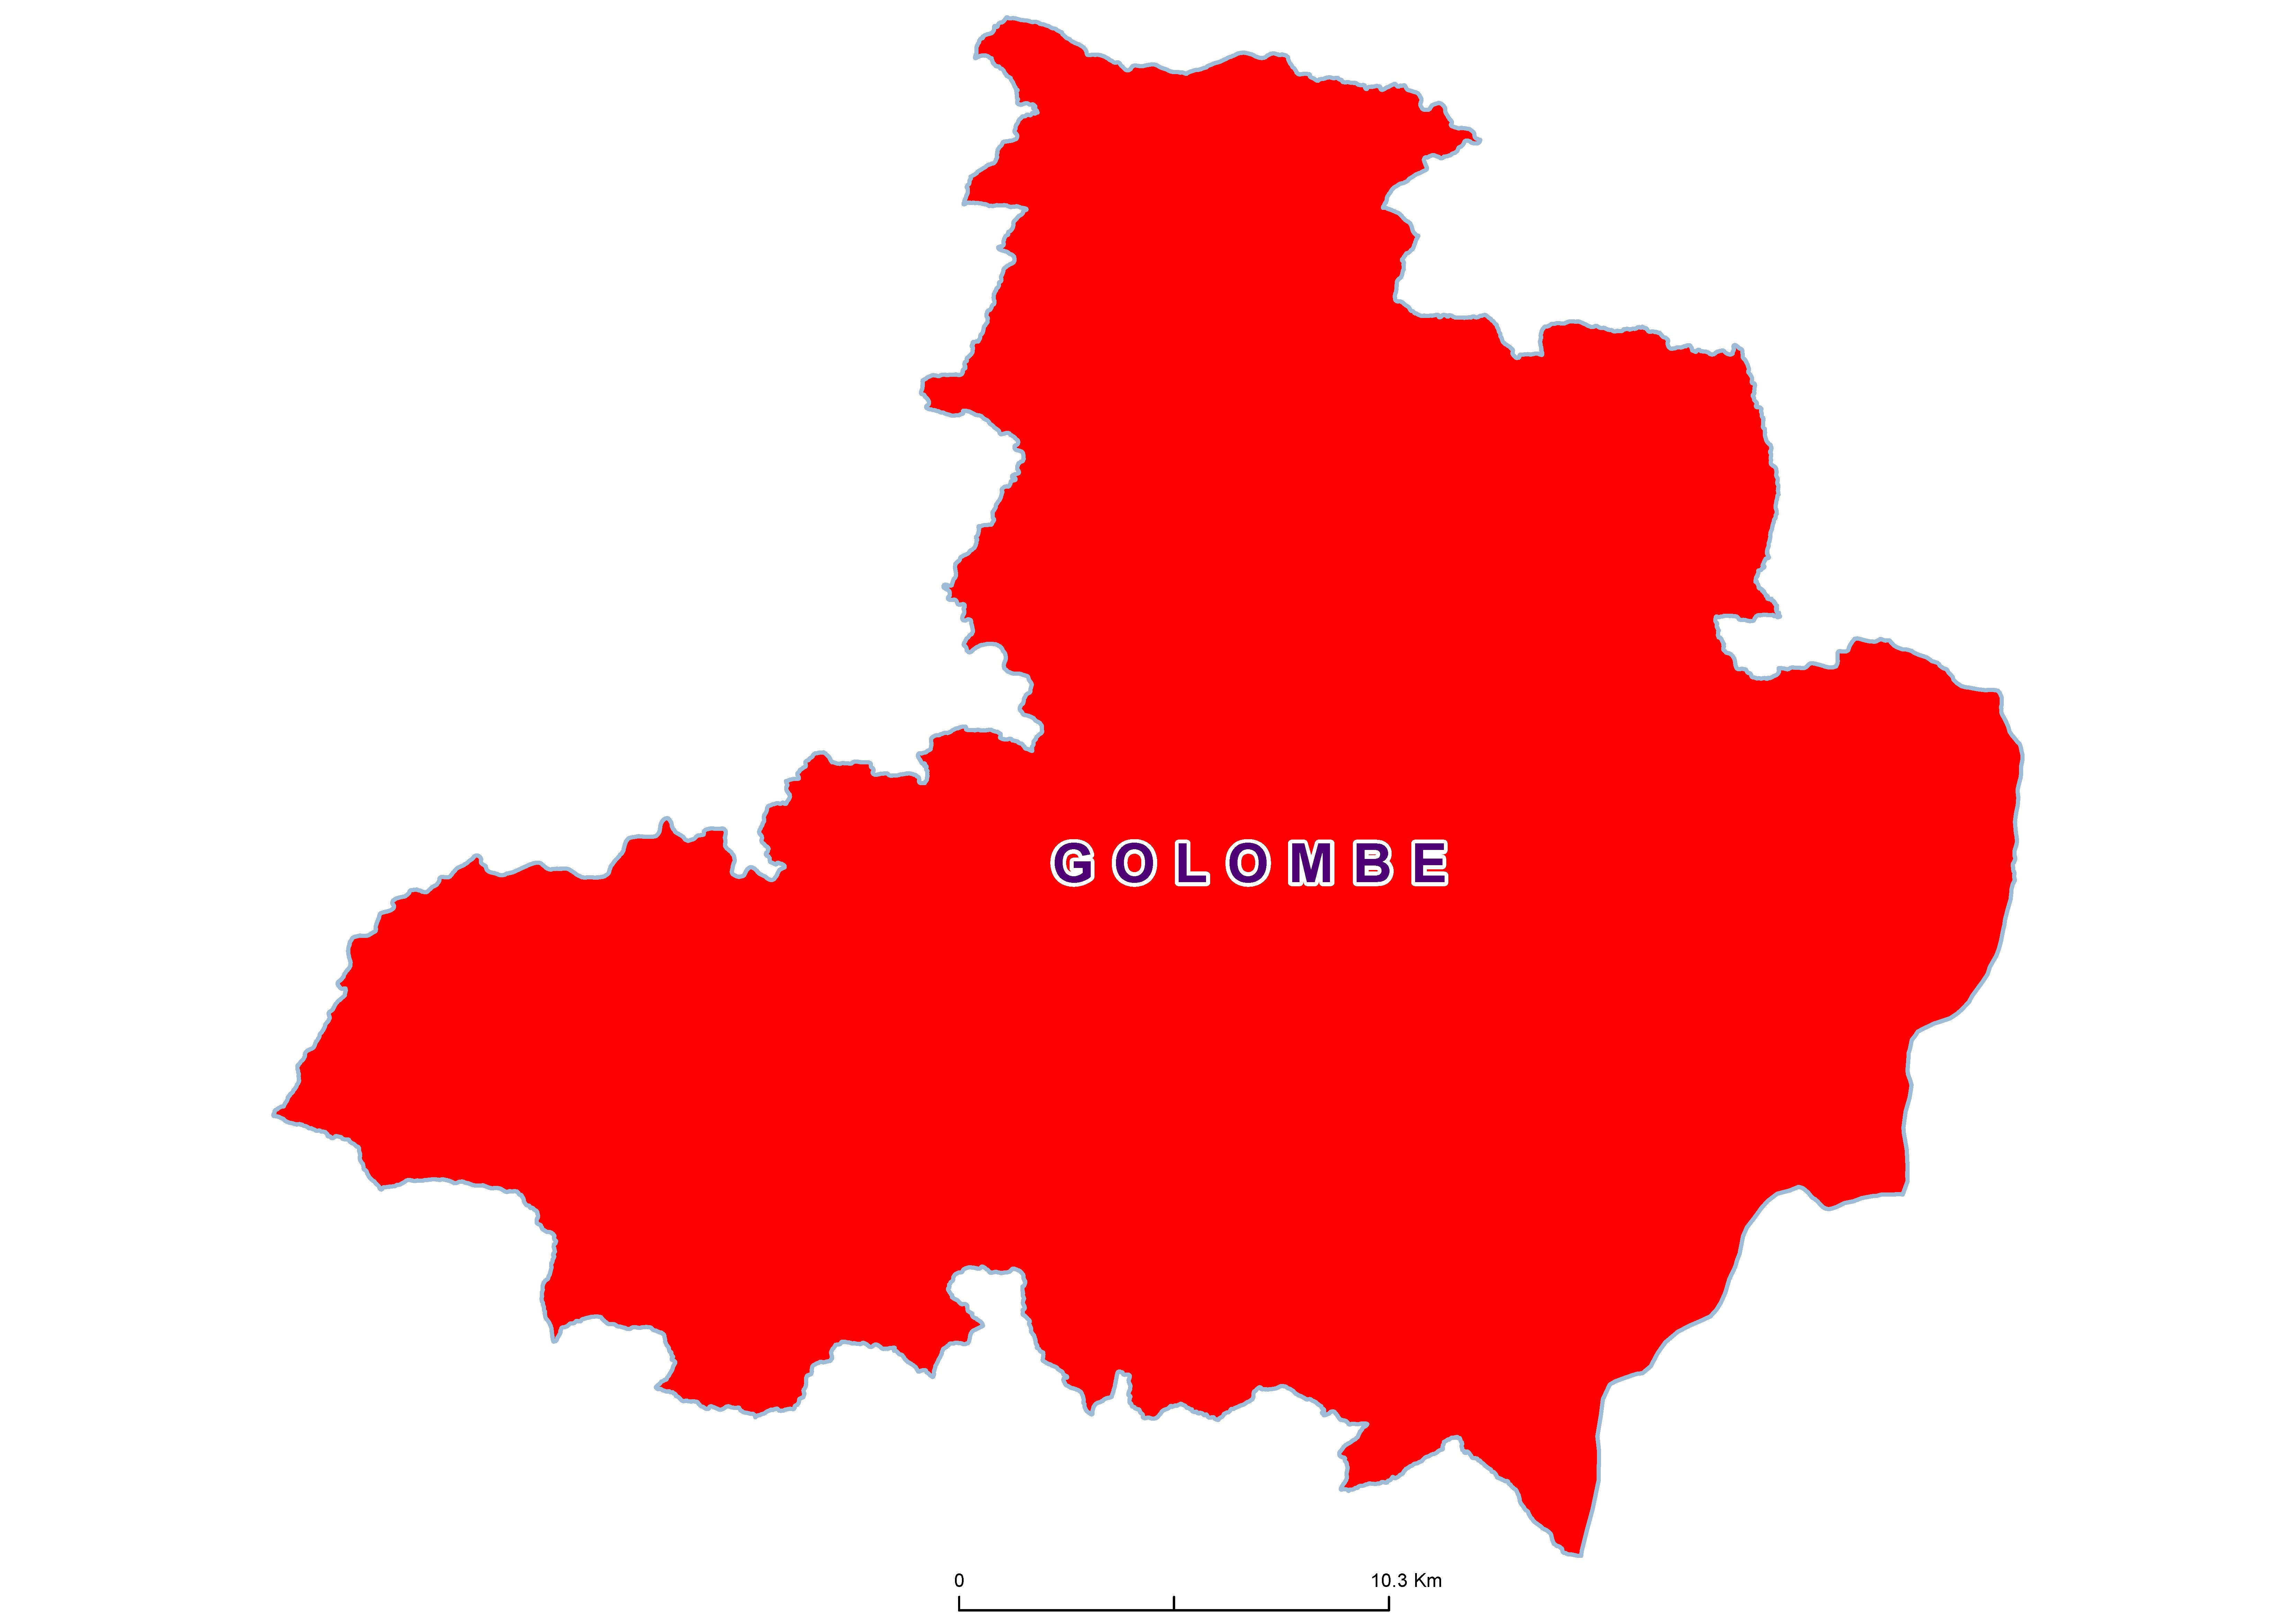 Golombe Mean SCH 20100001